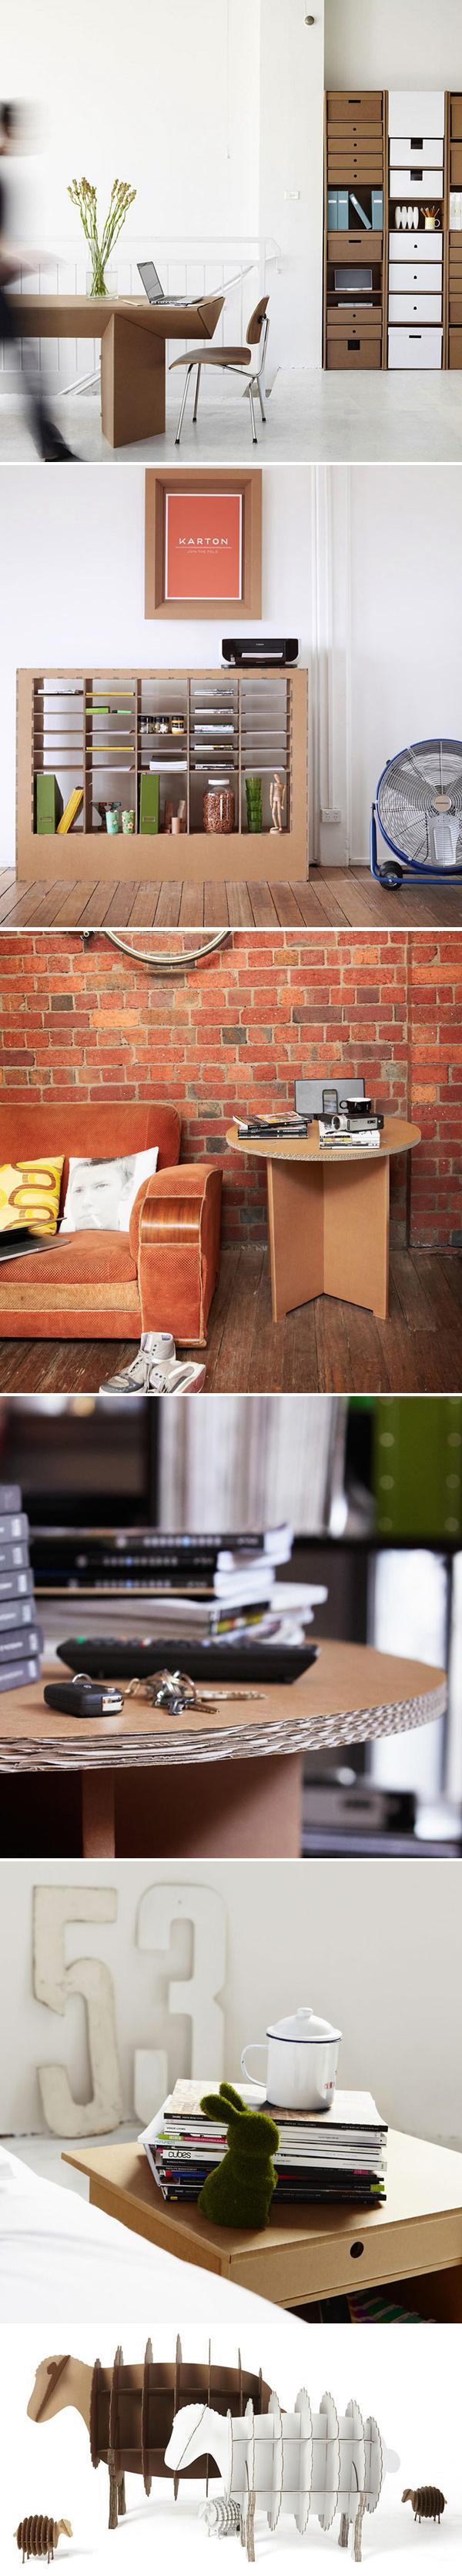 Творческая мебель от фирмы «Karton» для легкого и экологически чистого интерьера